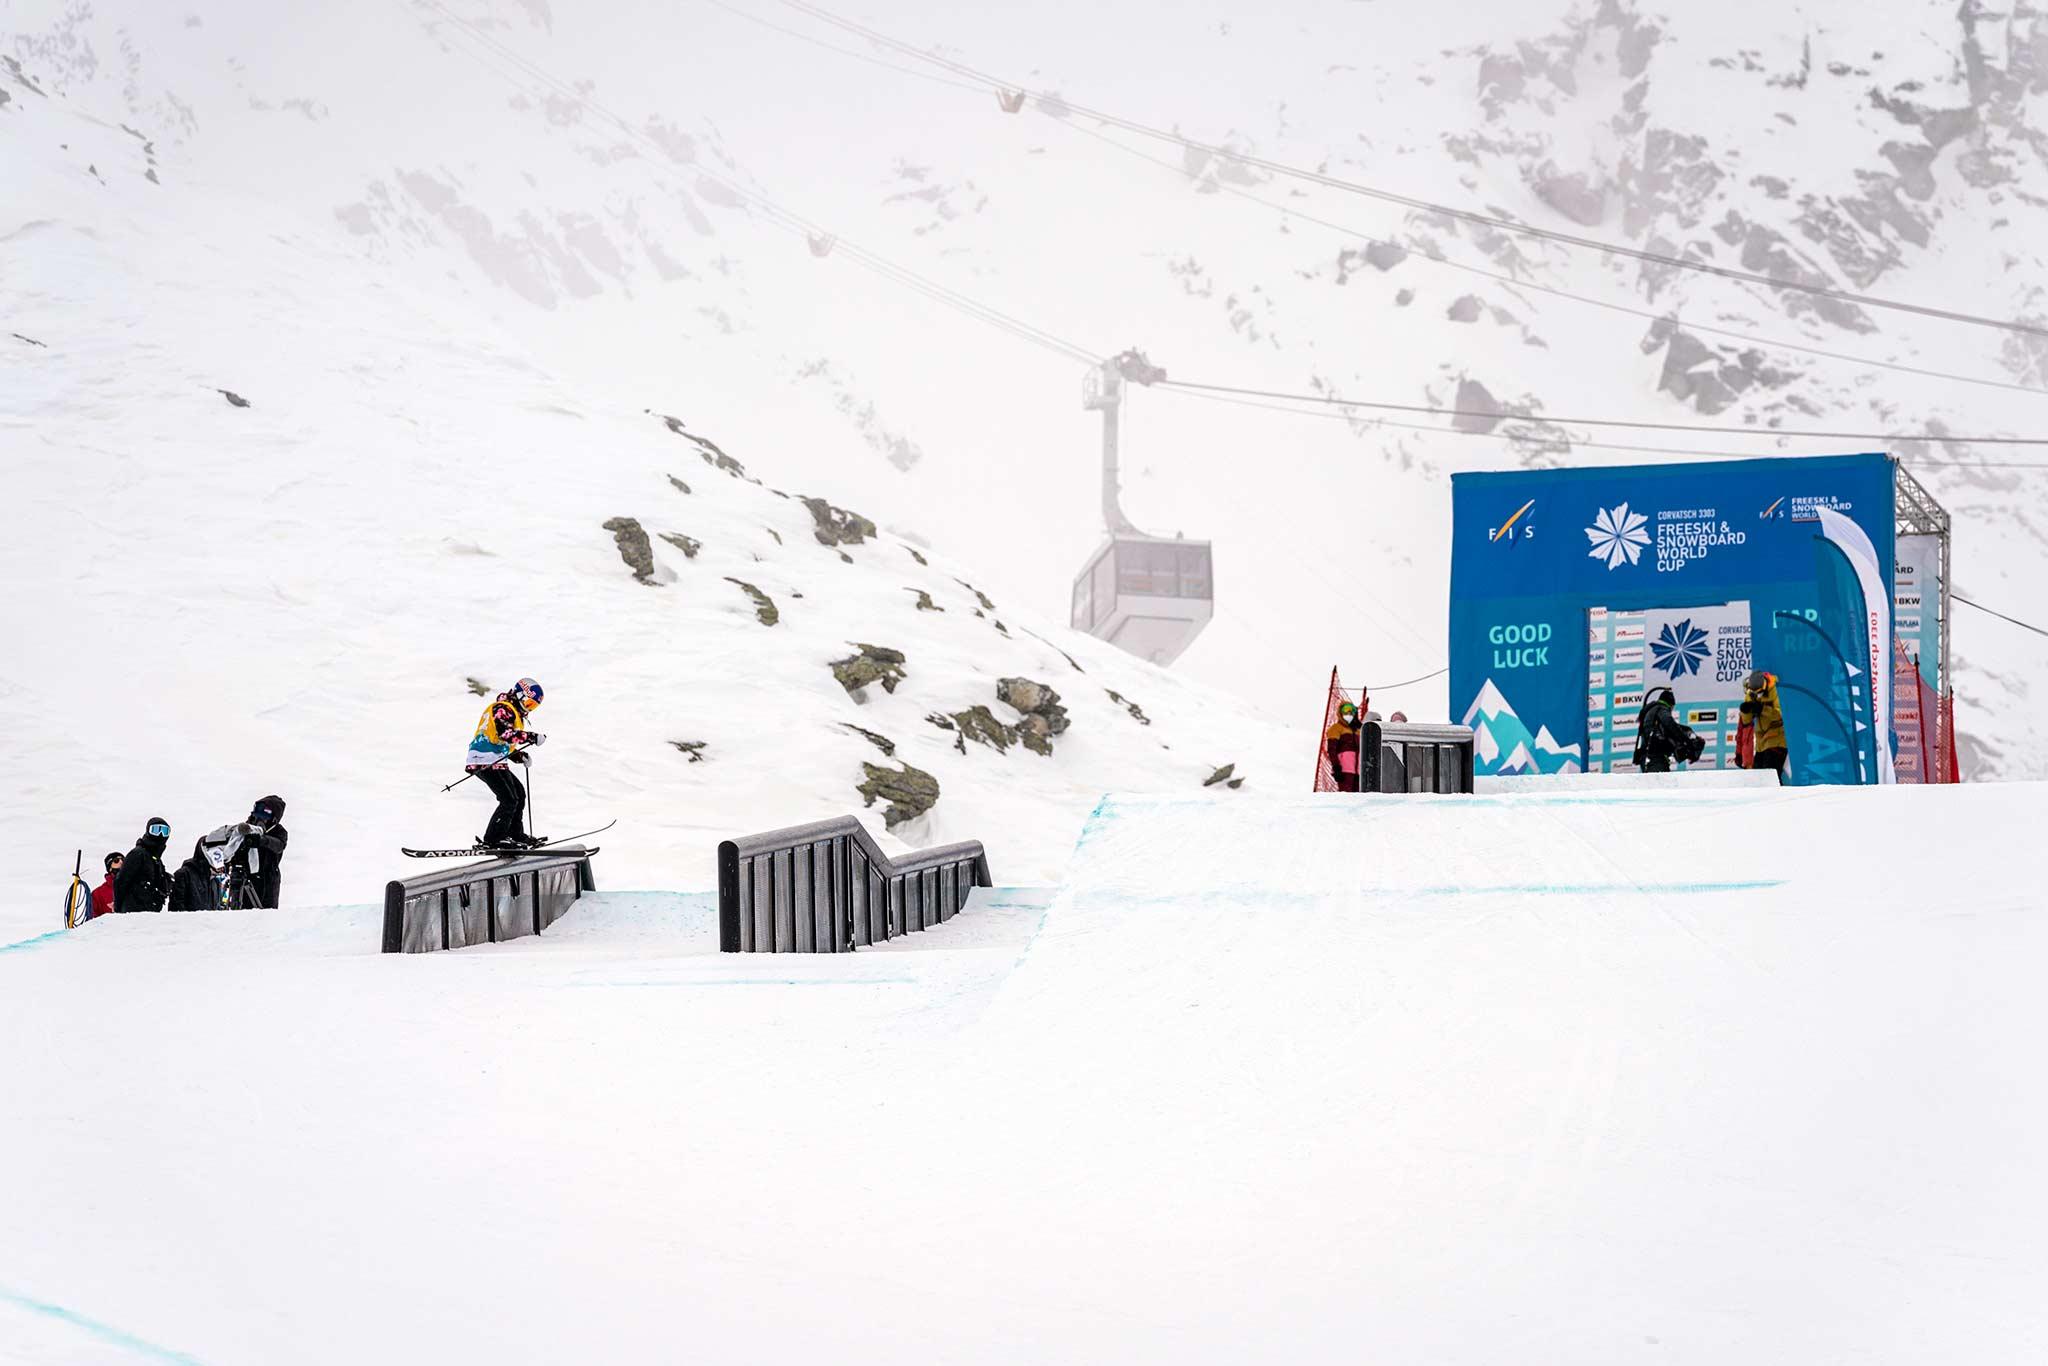 Tess Ledeux aus Frankreich gewinnt den Corvatsch Freeski Weltcup und oben drauf auch den Slopestyle Gesamtweltcup 2020/2021. - Foto: Filip Zuan